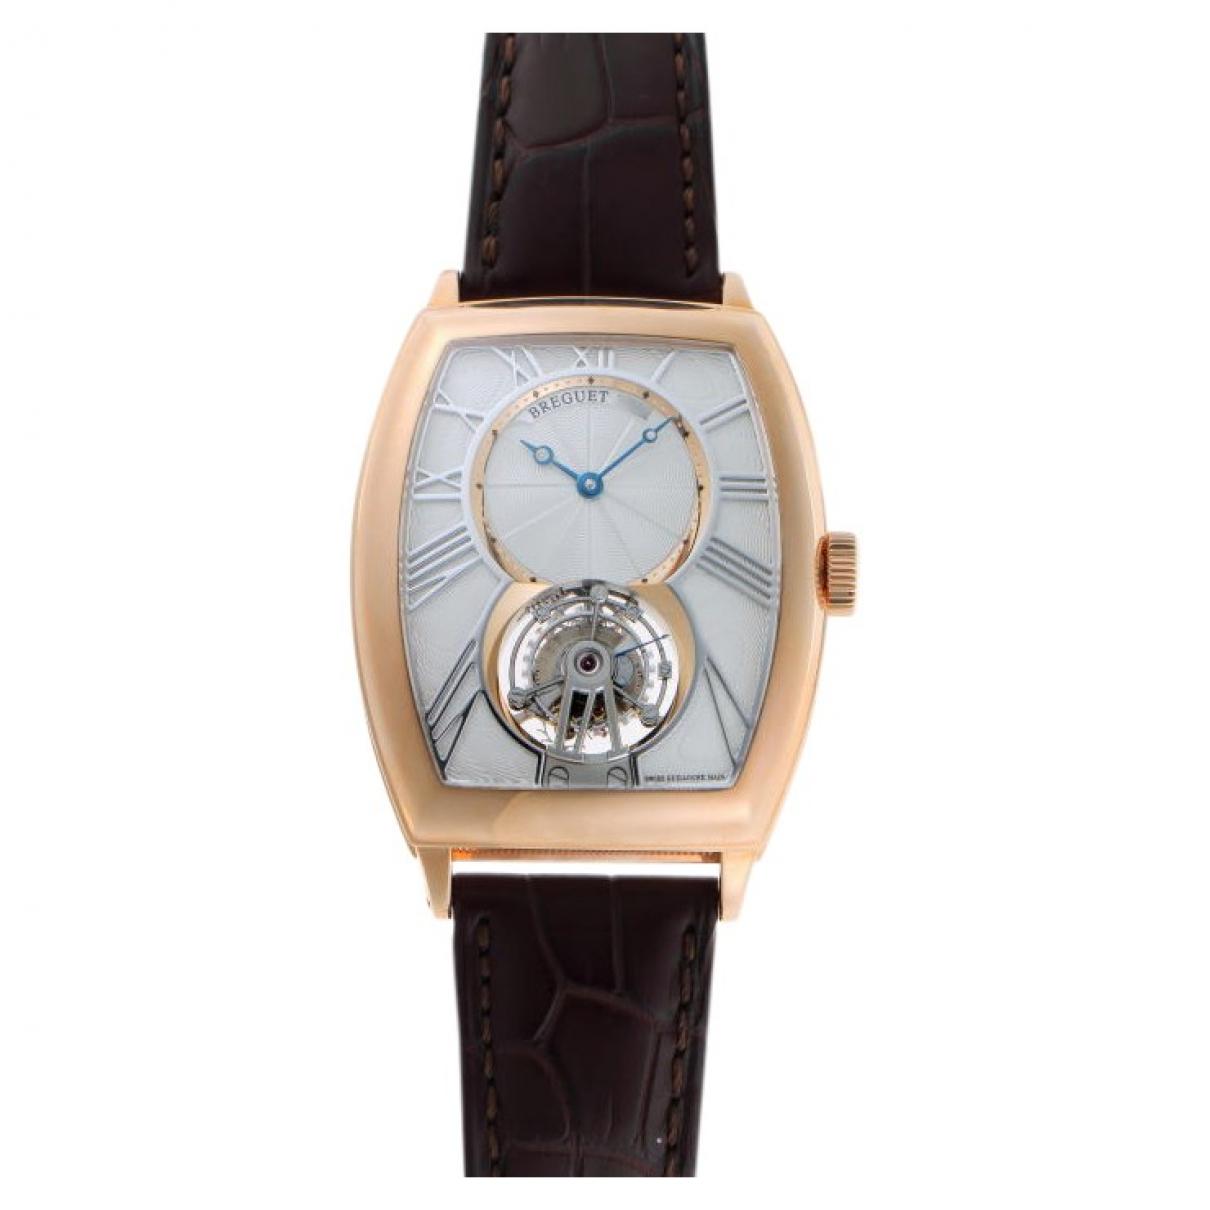 Breguet \N Uhr in  Schwarz Rosegold